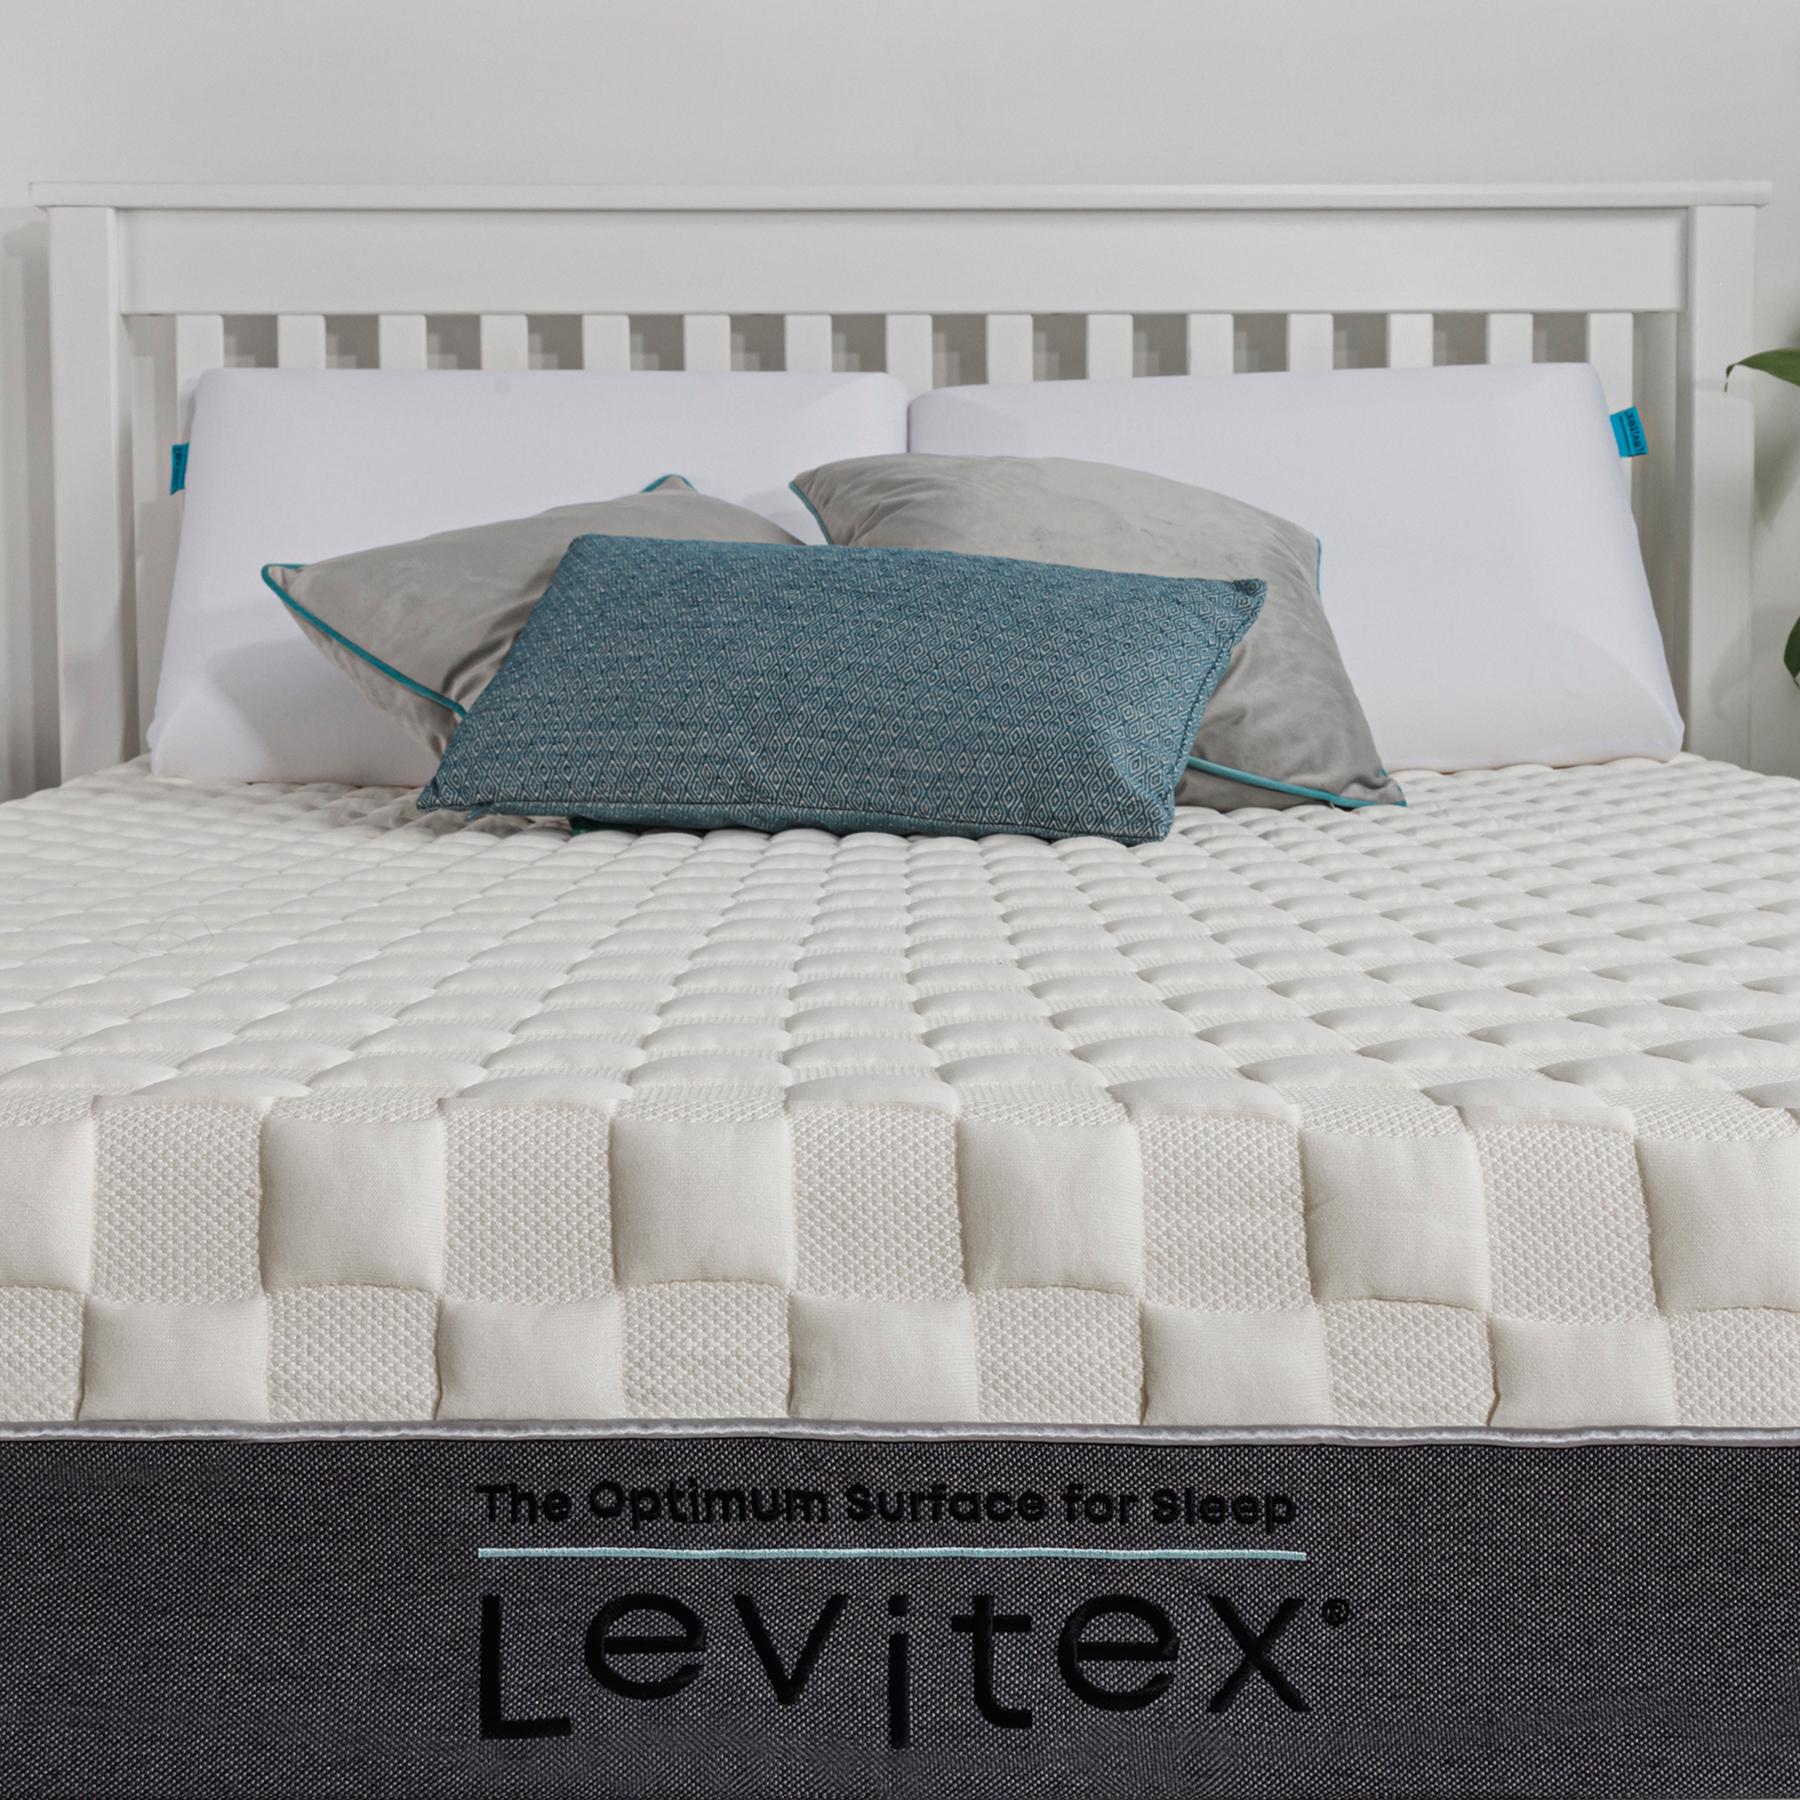 optimum sleeping surface for sleep posture